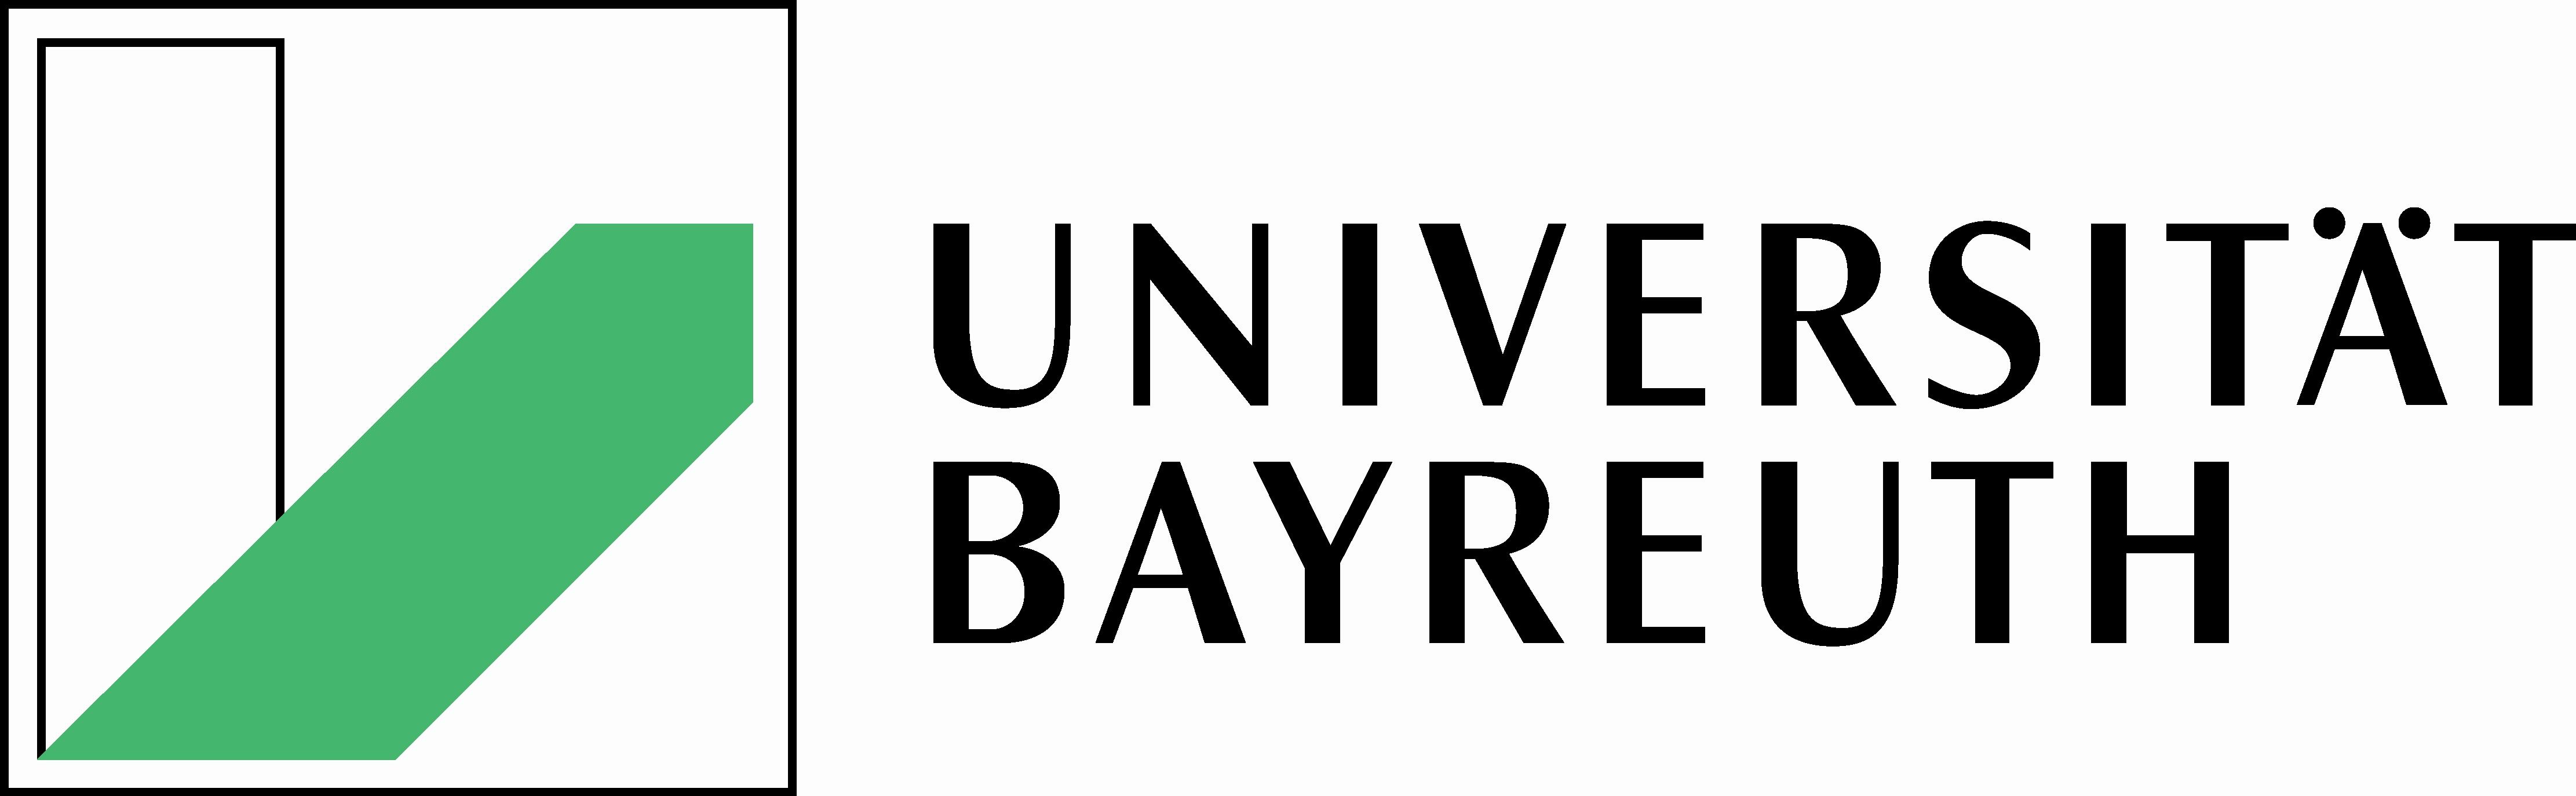 Uni_Bayreuth_Logo